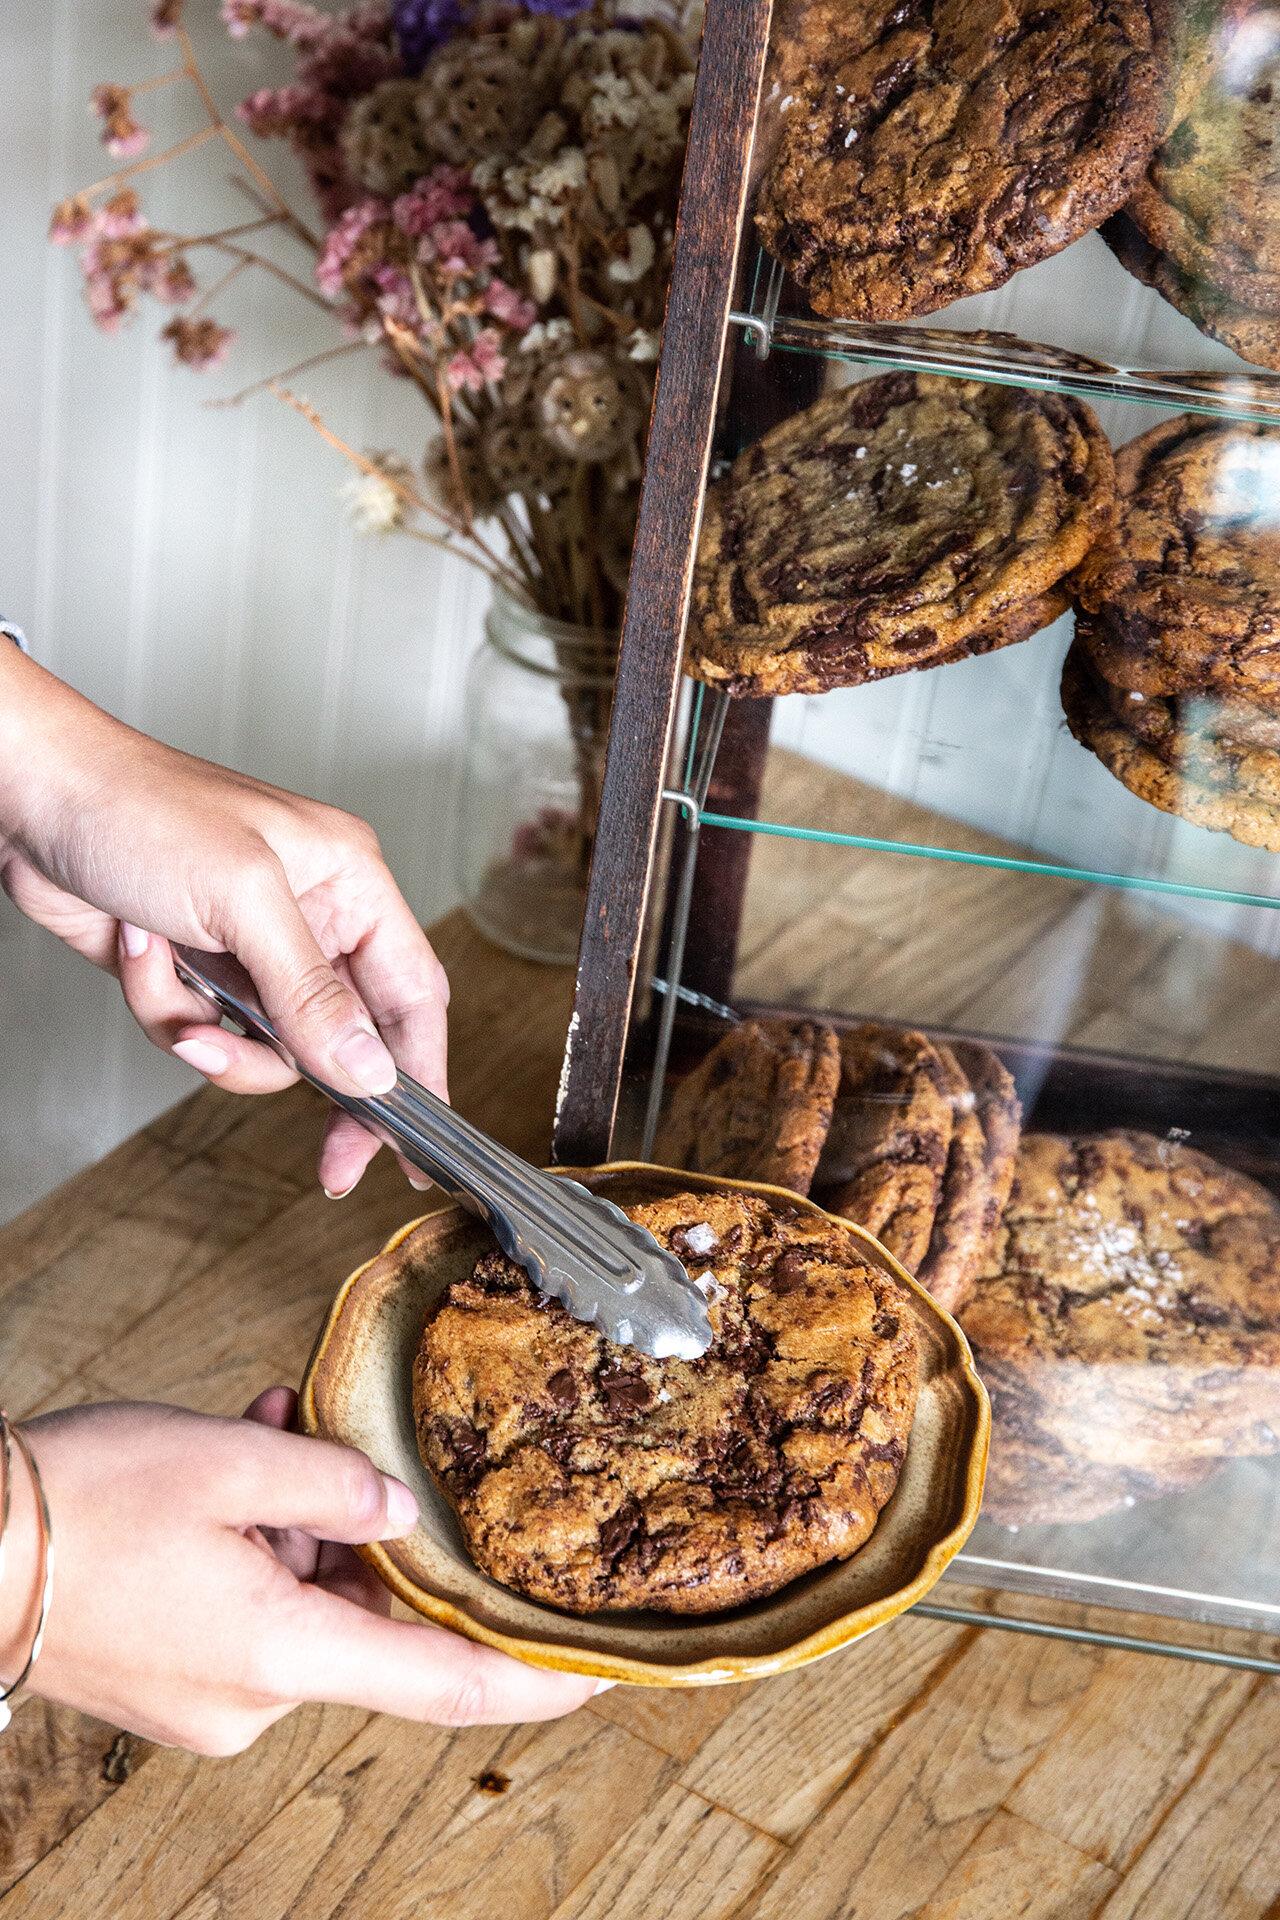 Dark chocolate sea salt cookies. Who could resist?